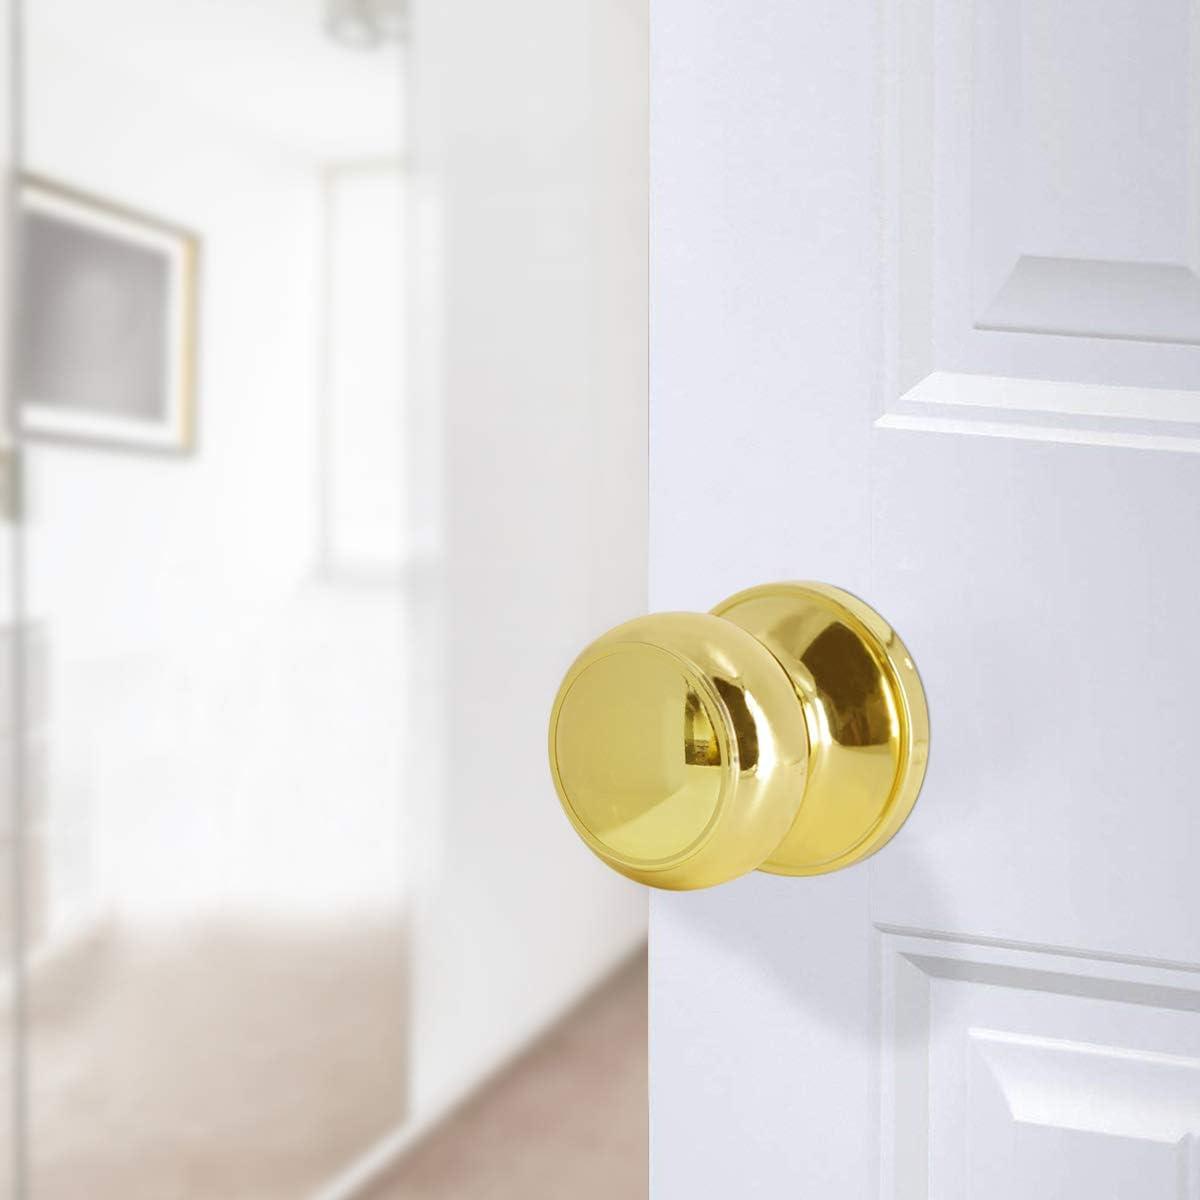 cuarto de ba/ño Pomo de puerta de lat/ón pulido con forma de bola de privacidad de acero s/ólido dormitorio manija de puerta de seguridad interior para trastero